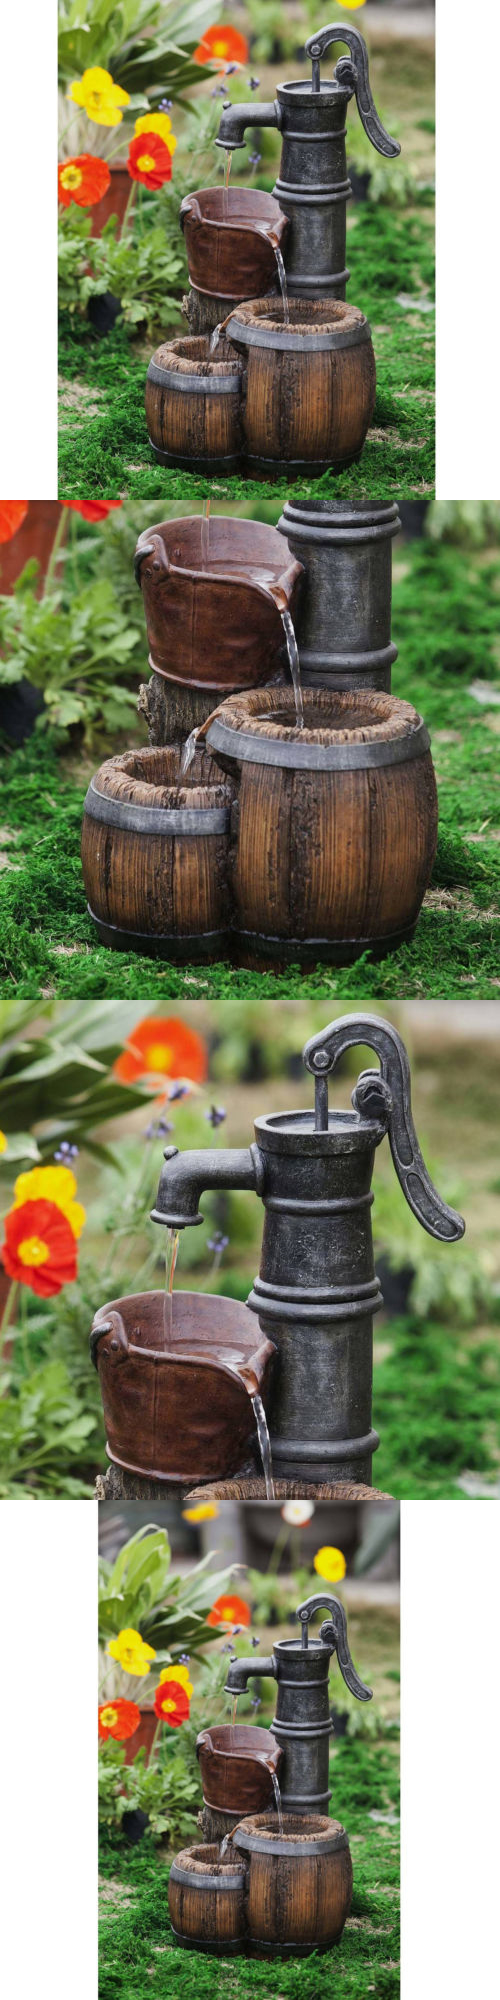 Outdoor Fountains 20507: Fountain Water Pump Garden Decor Outdoor ...